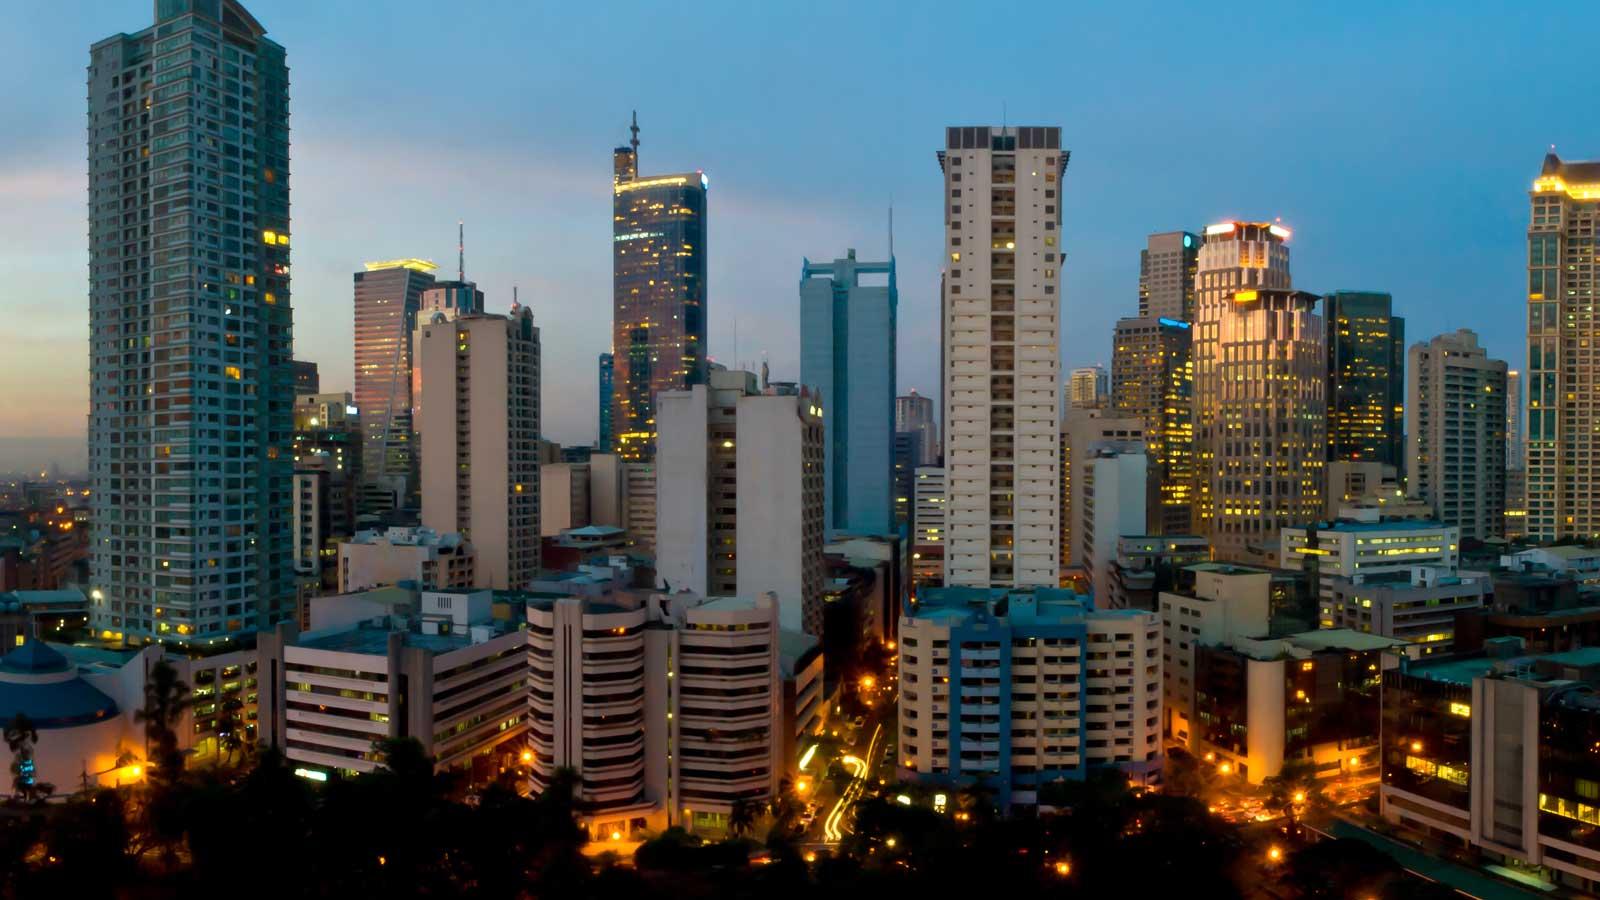 フィリピンの首都マニラの治安を徹底調査!夜は危険なの?対策法を紹介!